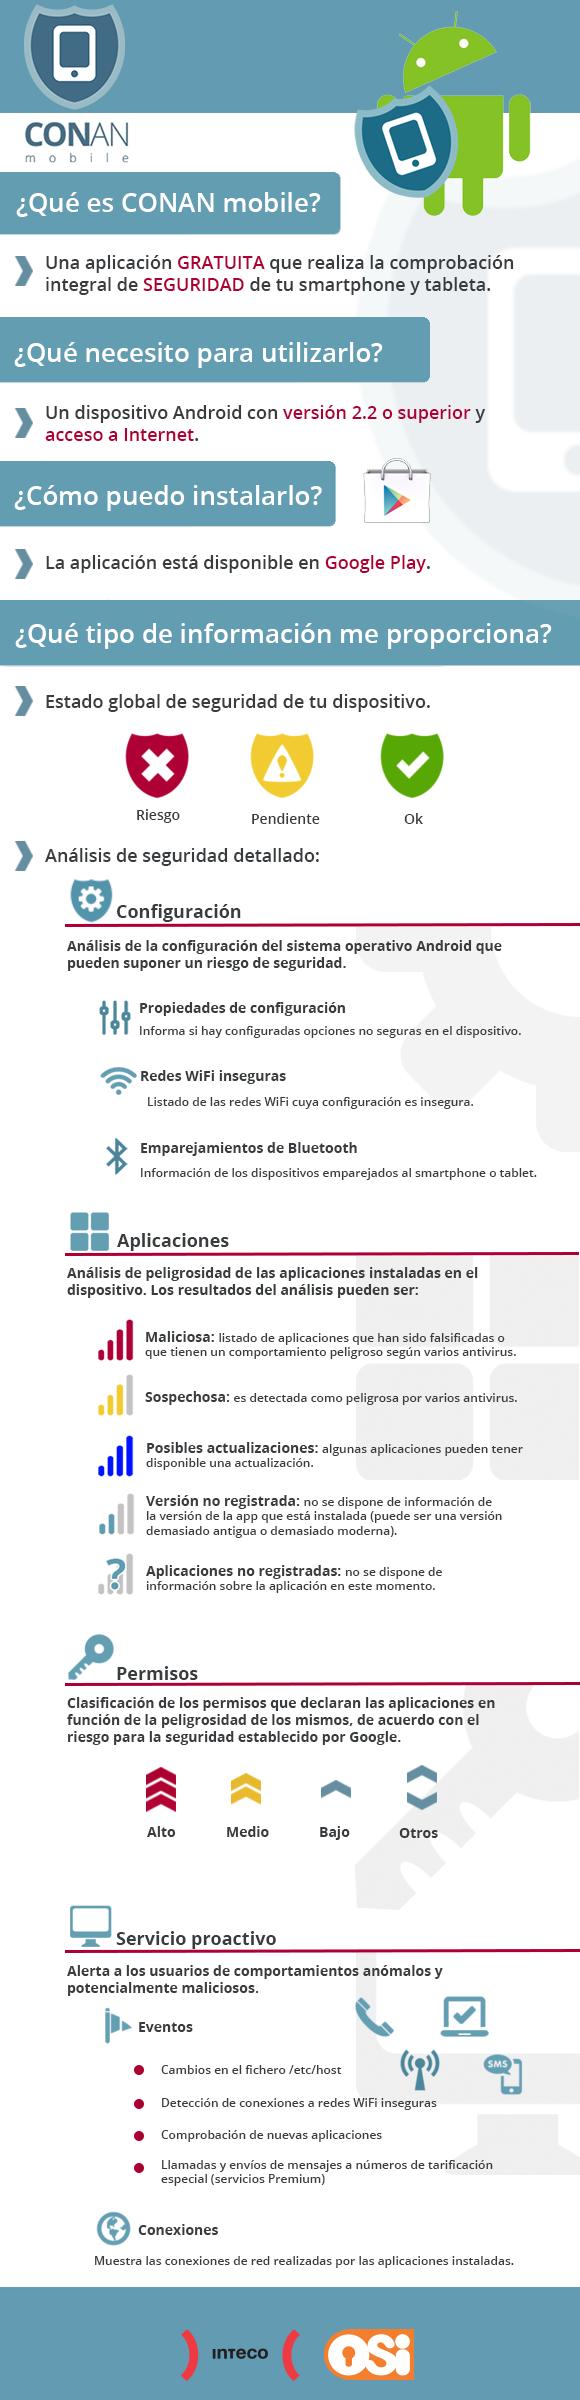 infografia-conan-mobile